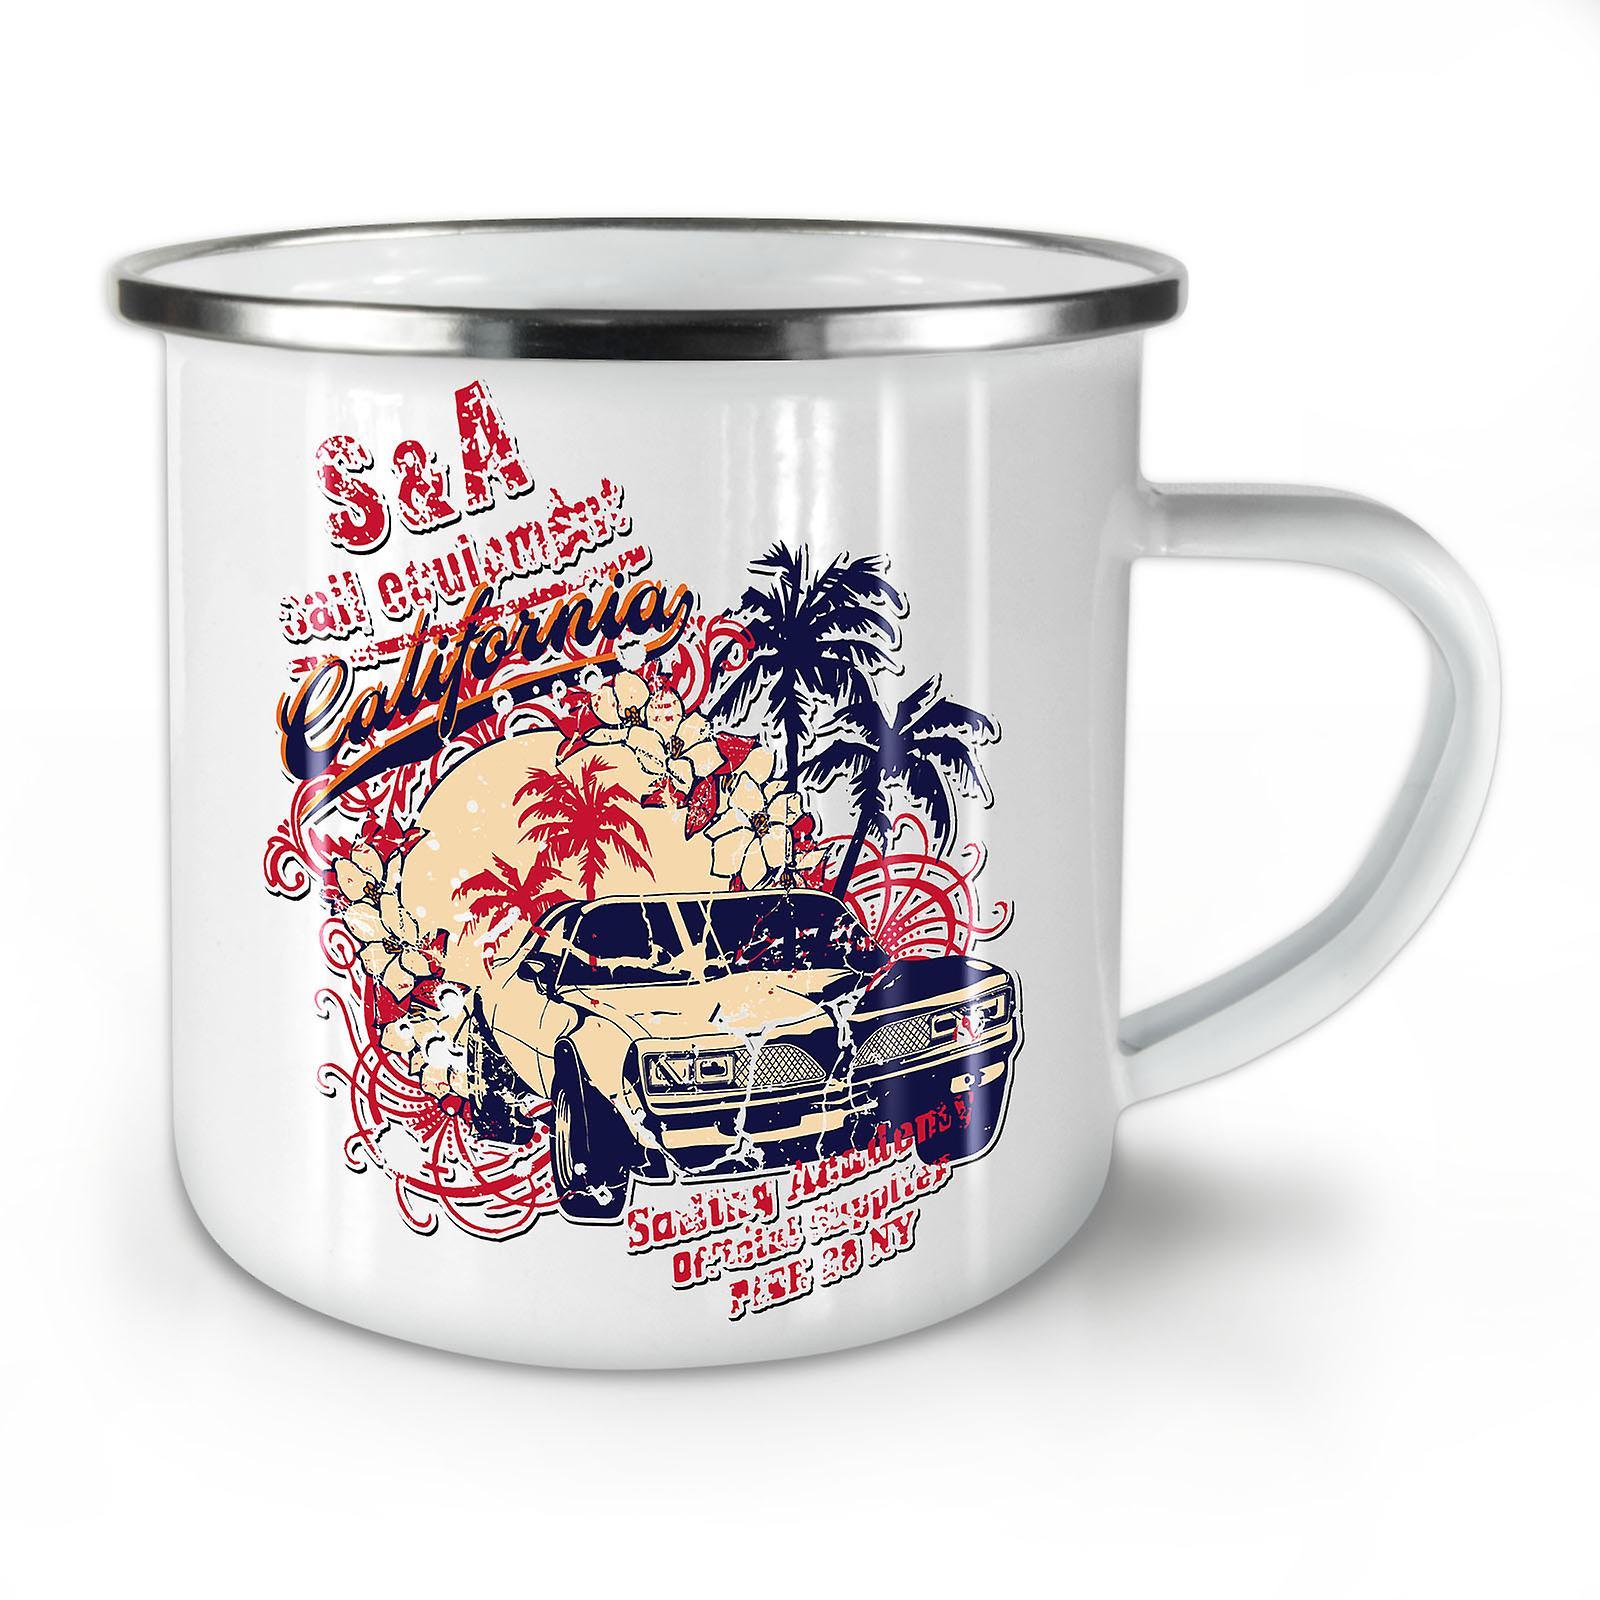 OzWellcoda Voiture Nouveau Émail Vintage Café Whitetea Palm Mug10 nwNOyv0P8m